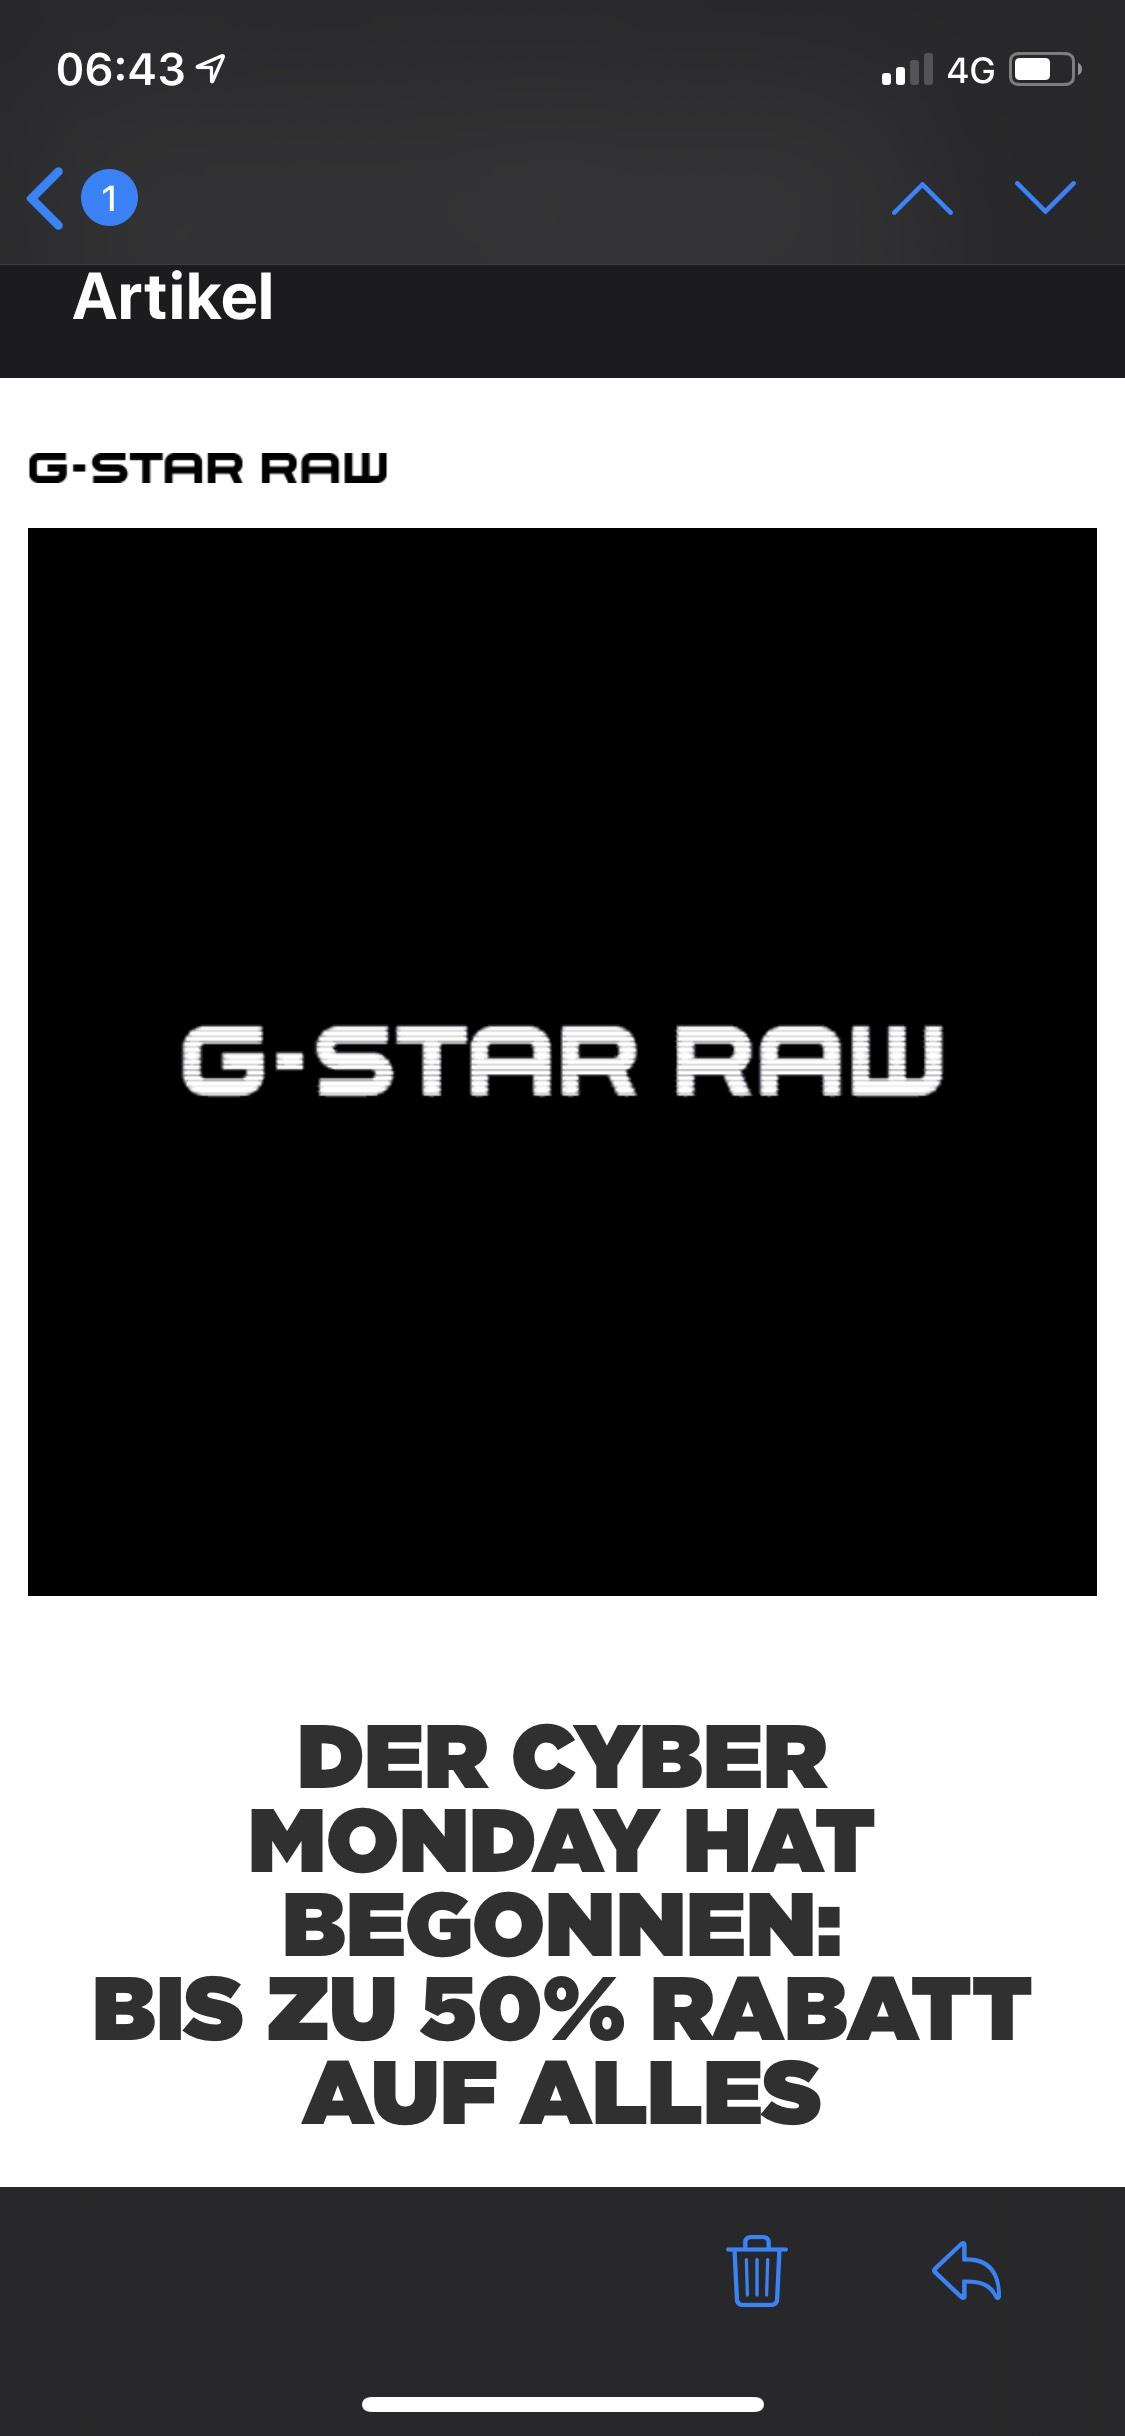 G-Star 25-50 % auf alles Cyber Monday